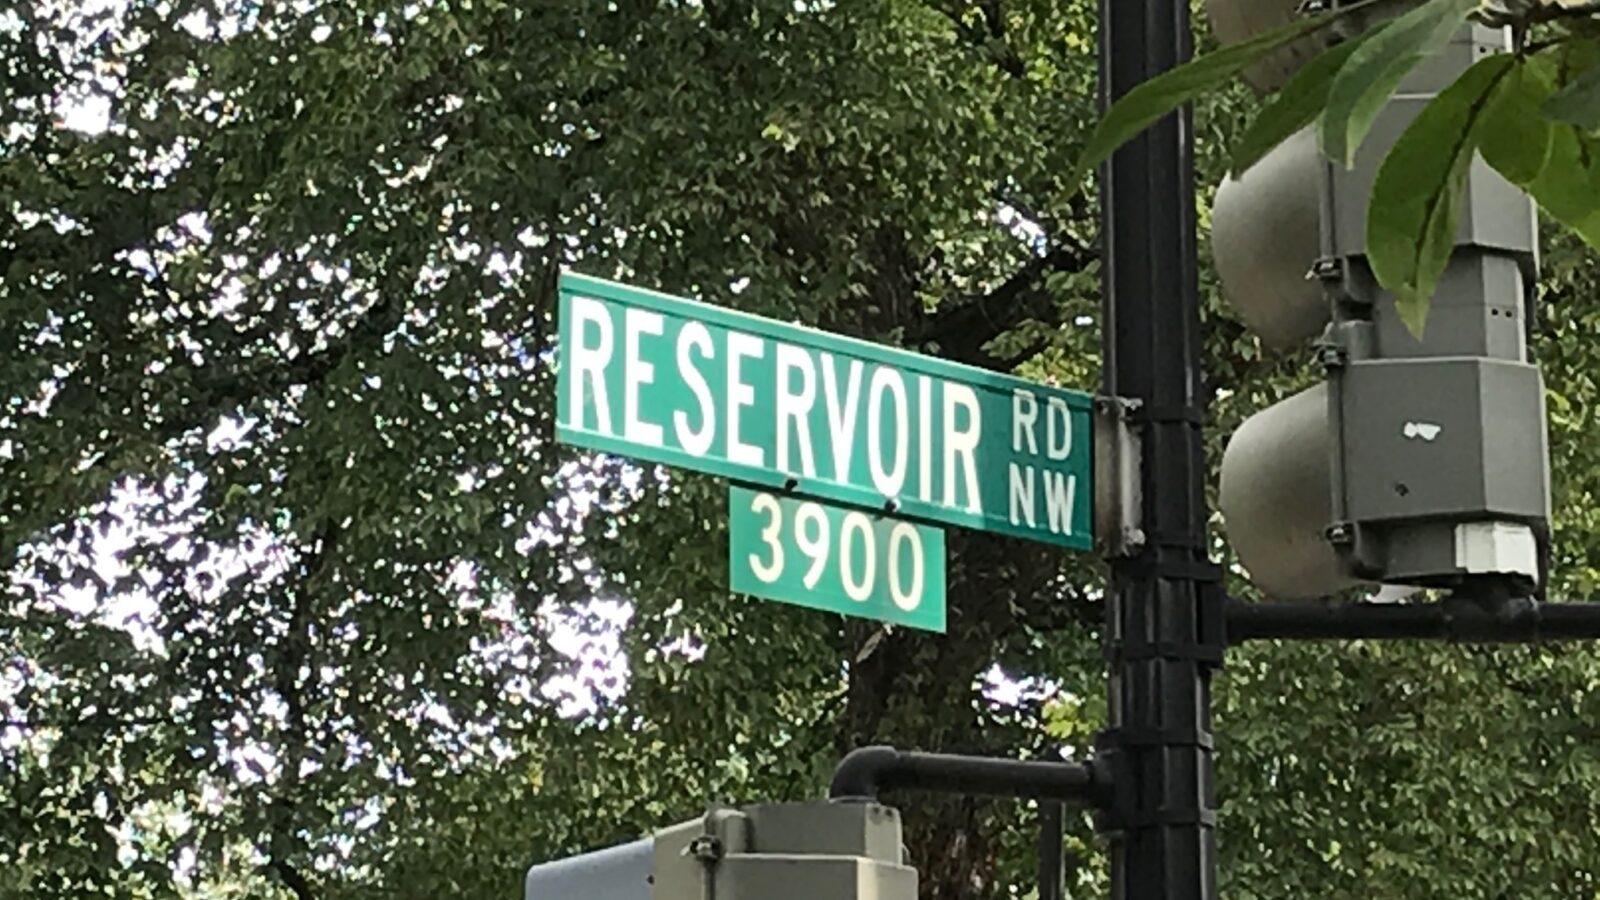 reservoir road sign